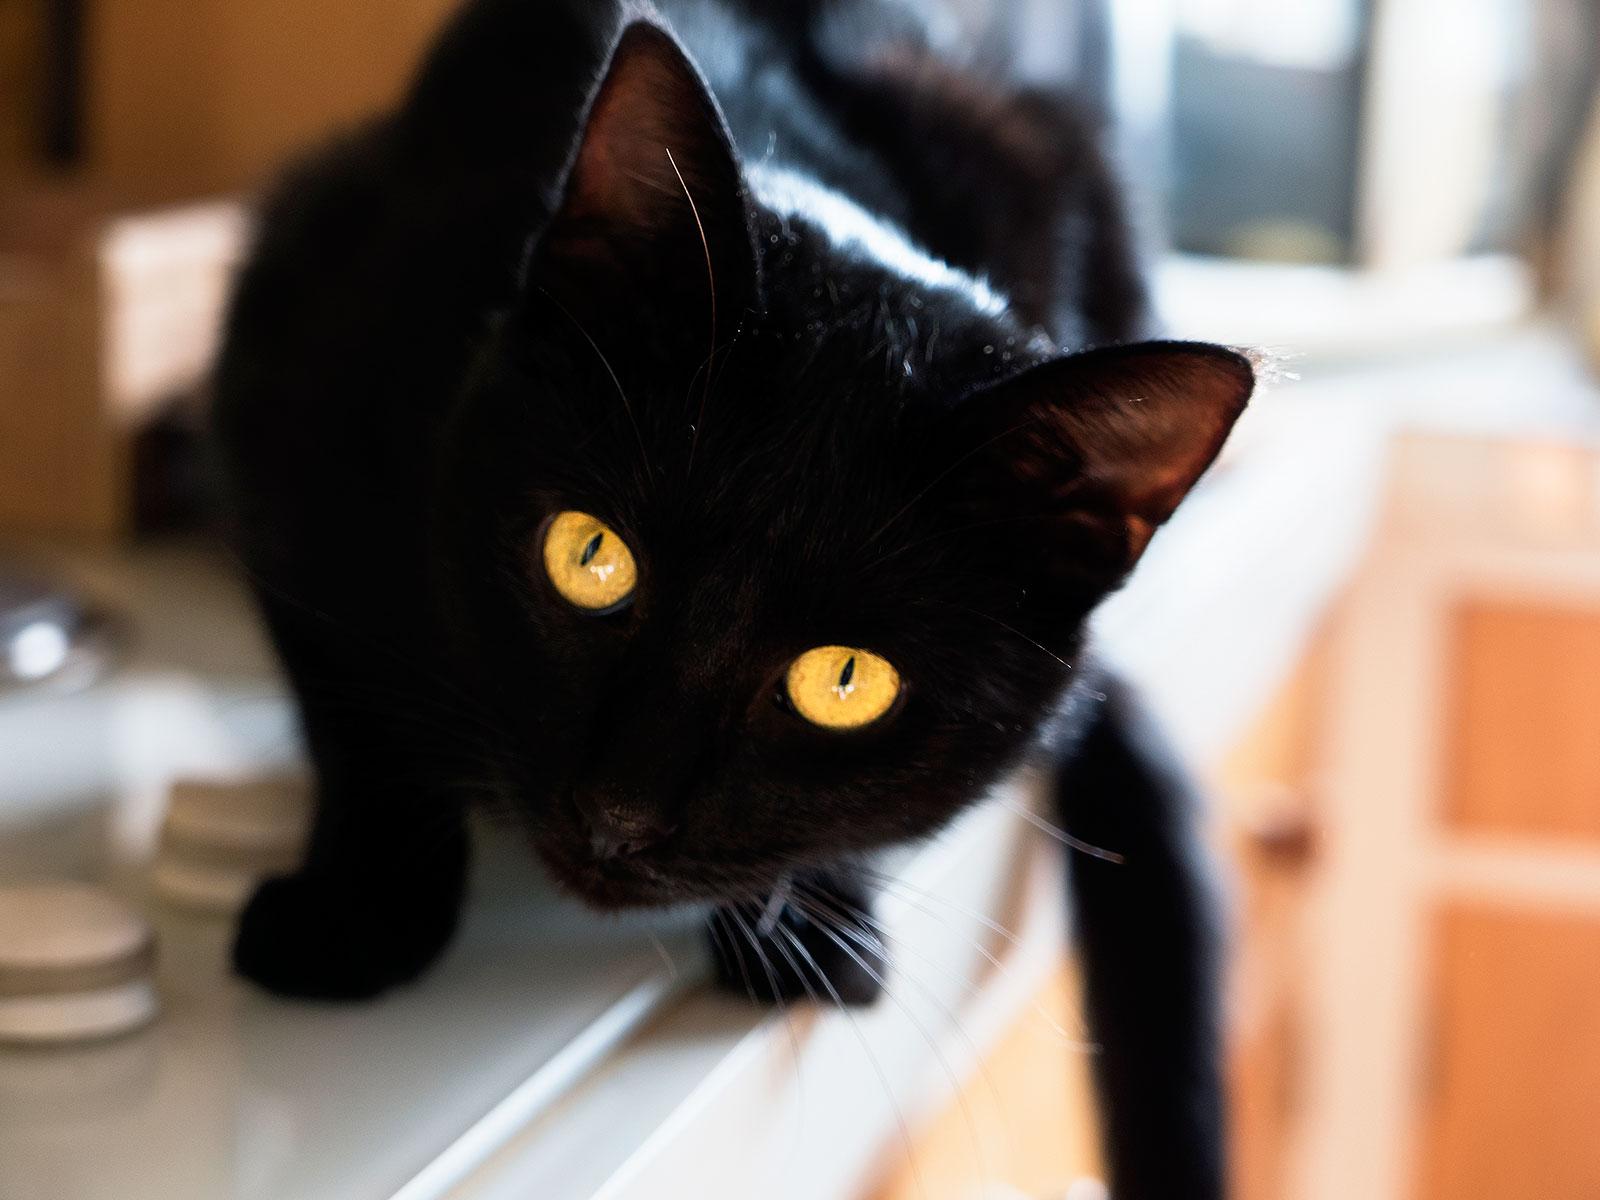 7 วิธีที่แมวดำจะนำโชคแก่ผู้คนทั่วโลก 🐱🐈😸⬛️